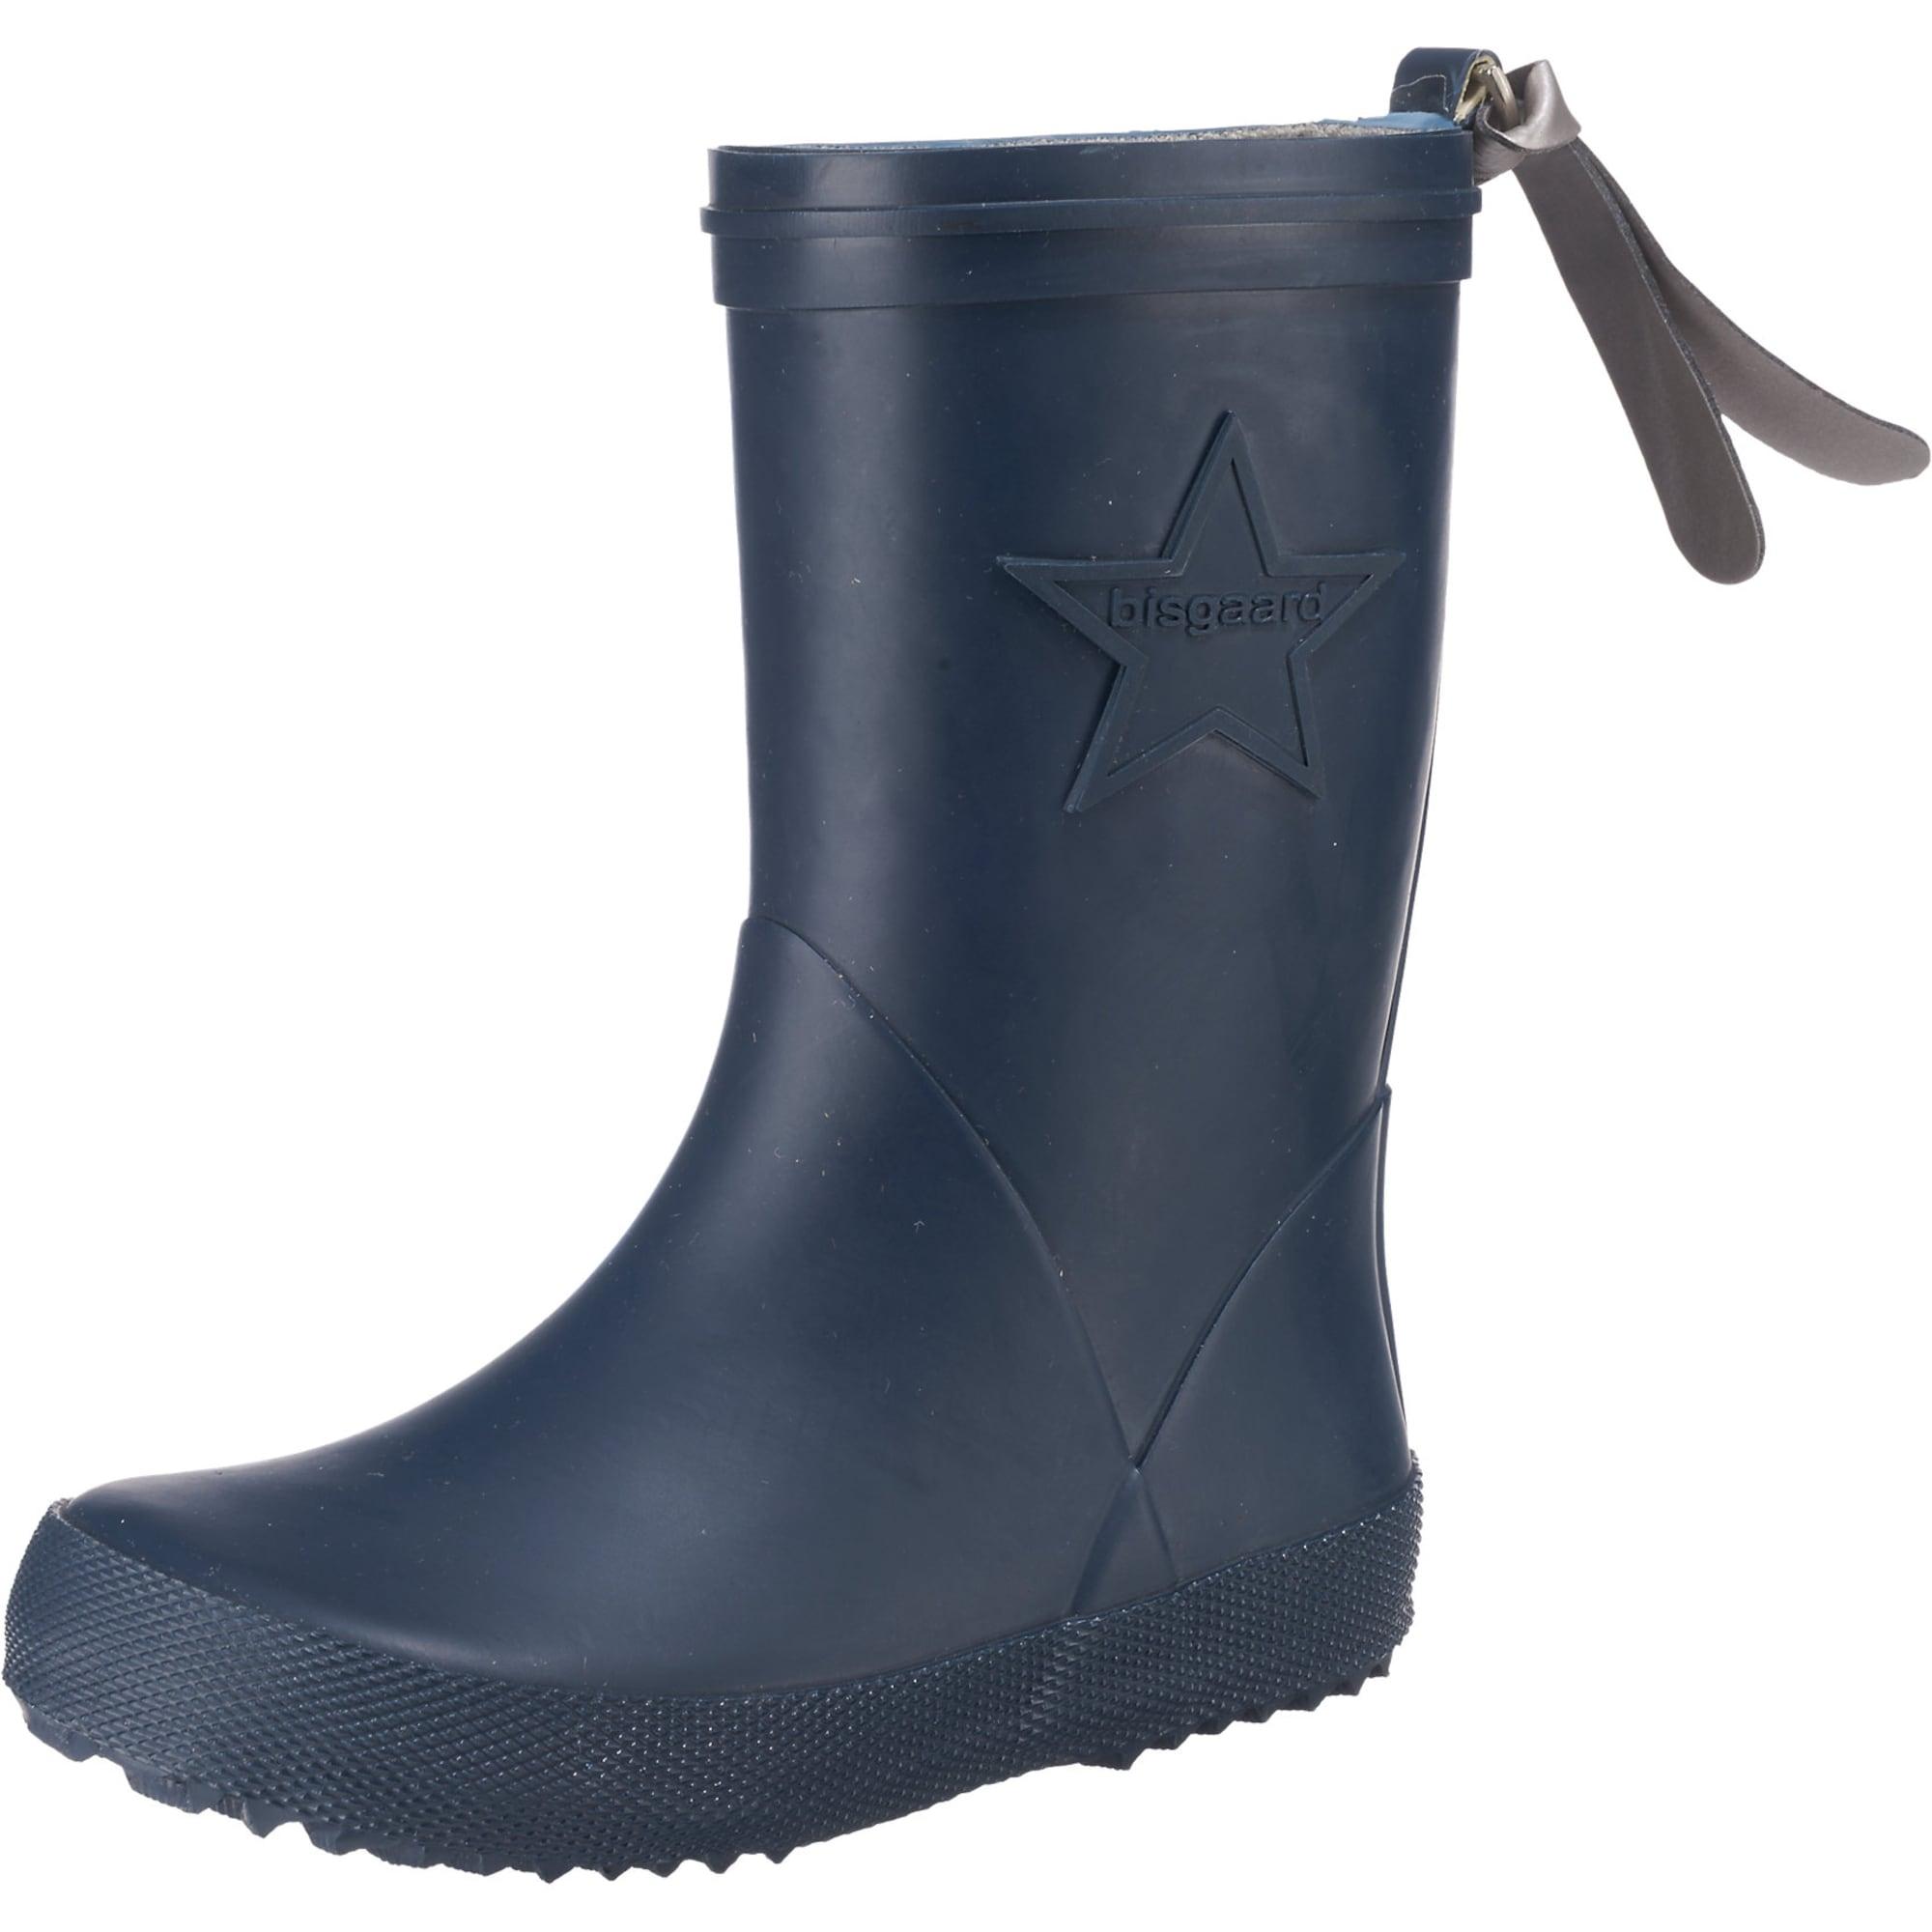 BISGAARD Guminiai batai ultramarino mėlyna (skaidri)